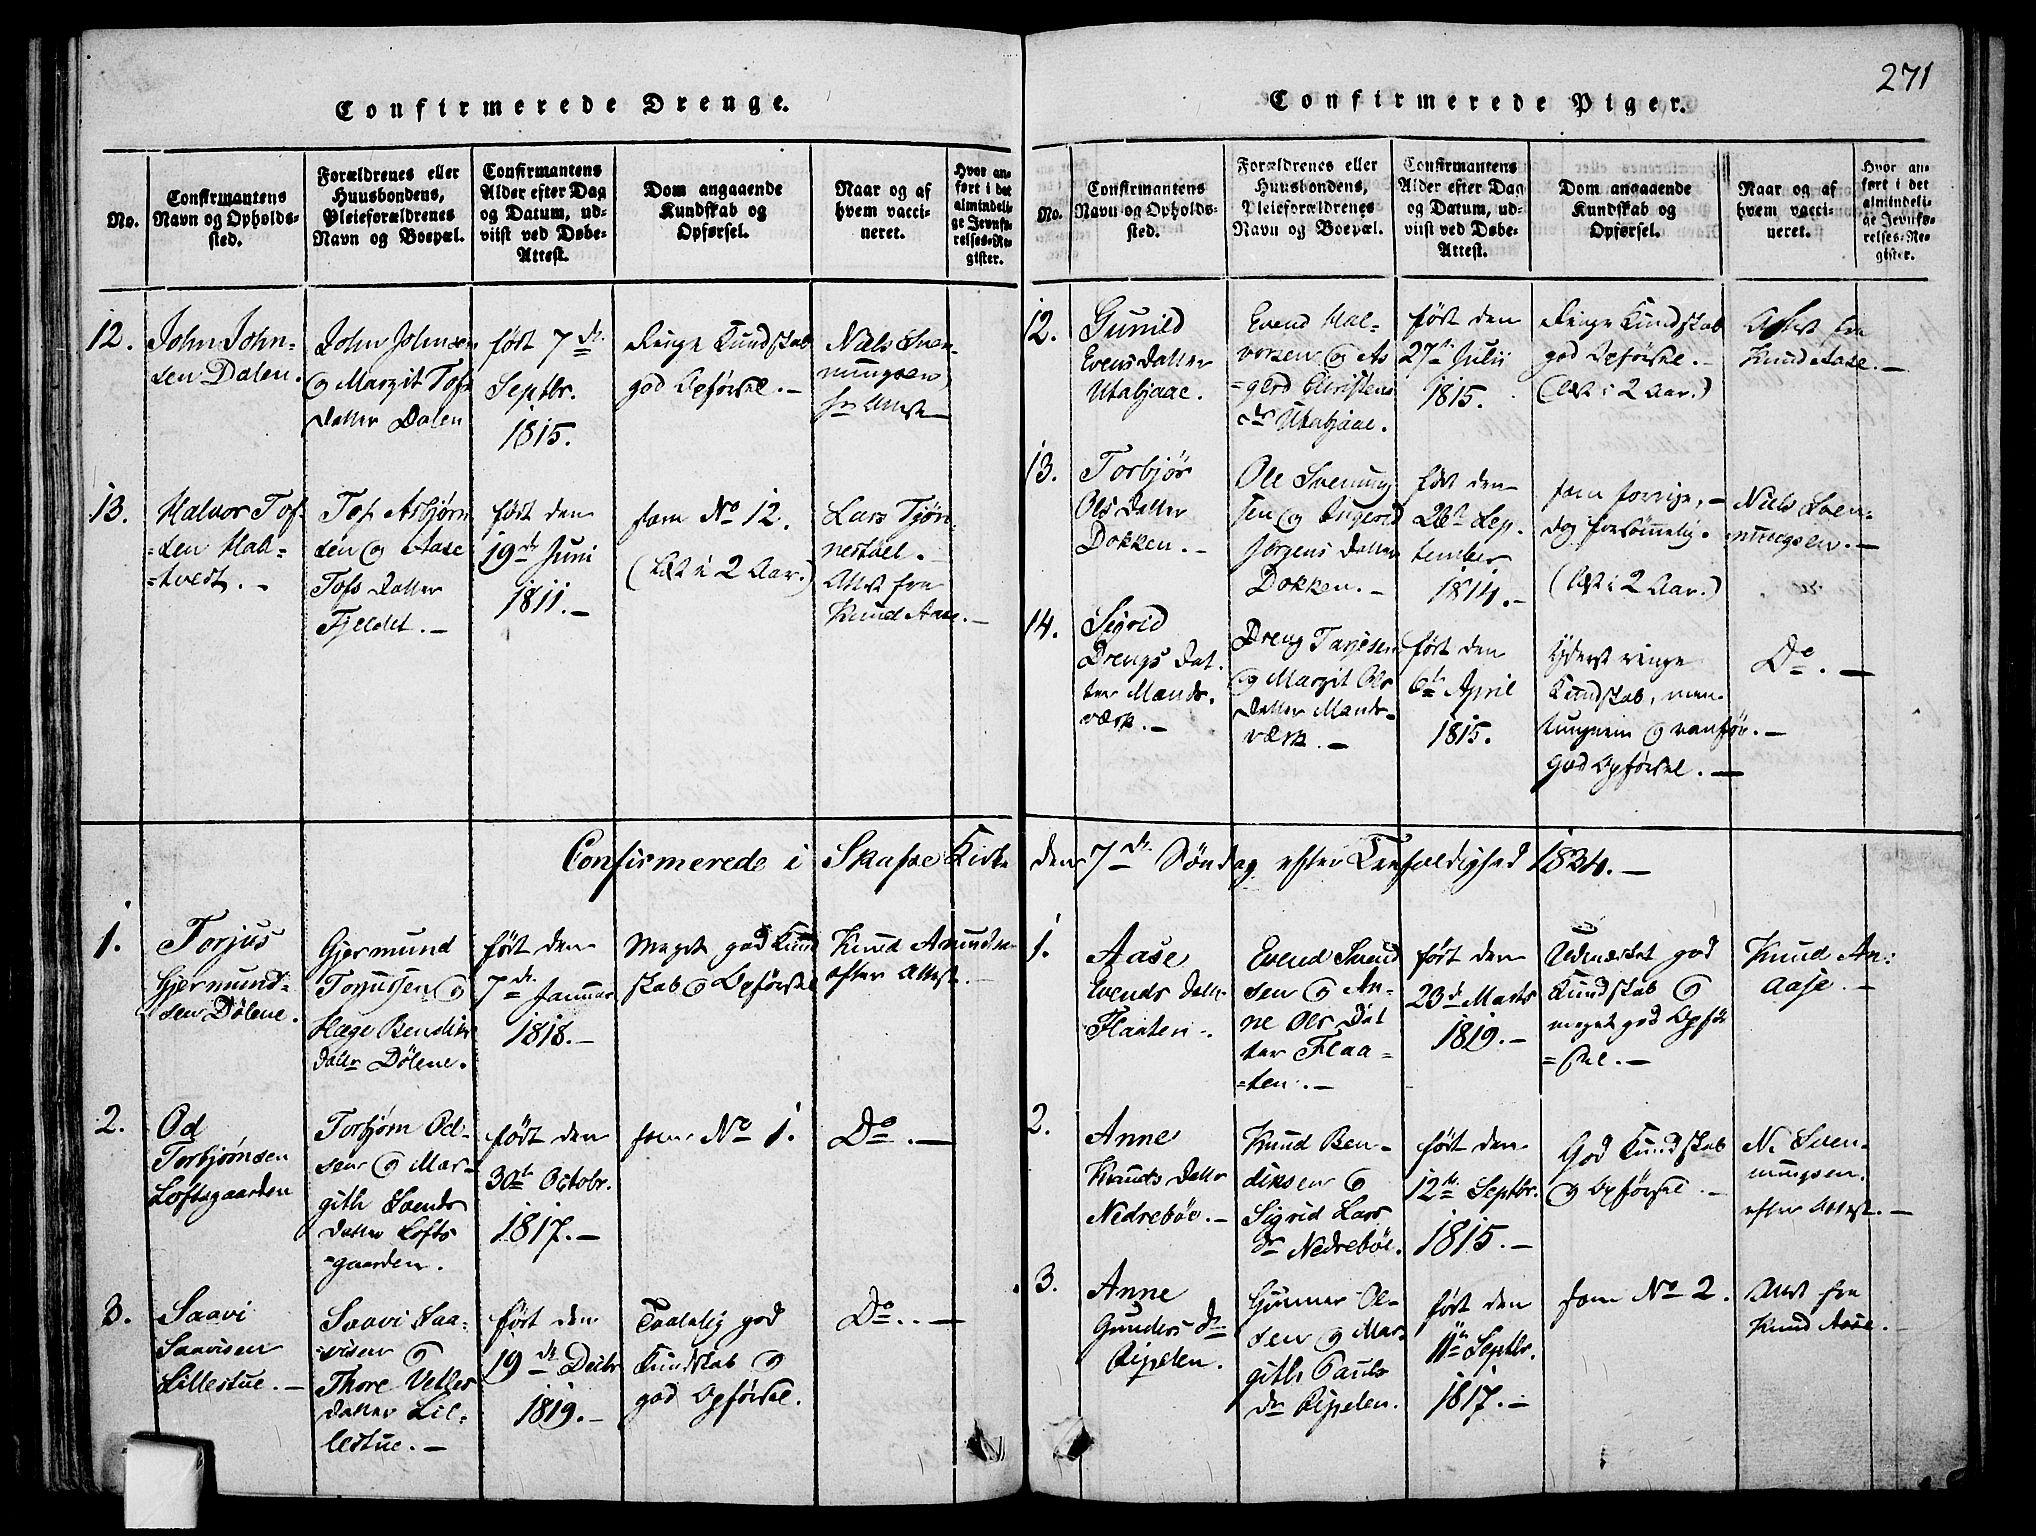 SAKO, Mo kirkebøker, F/Fa/L0004: Ministerialbok nr. I 4, 1814-1844, s. 271